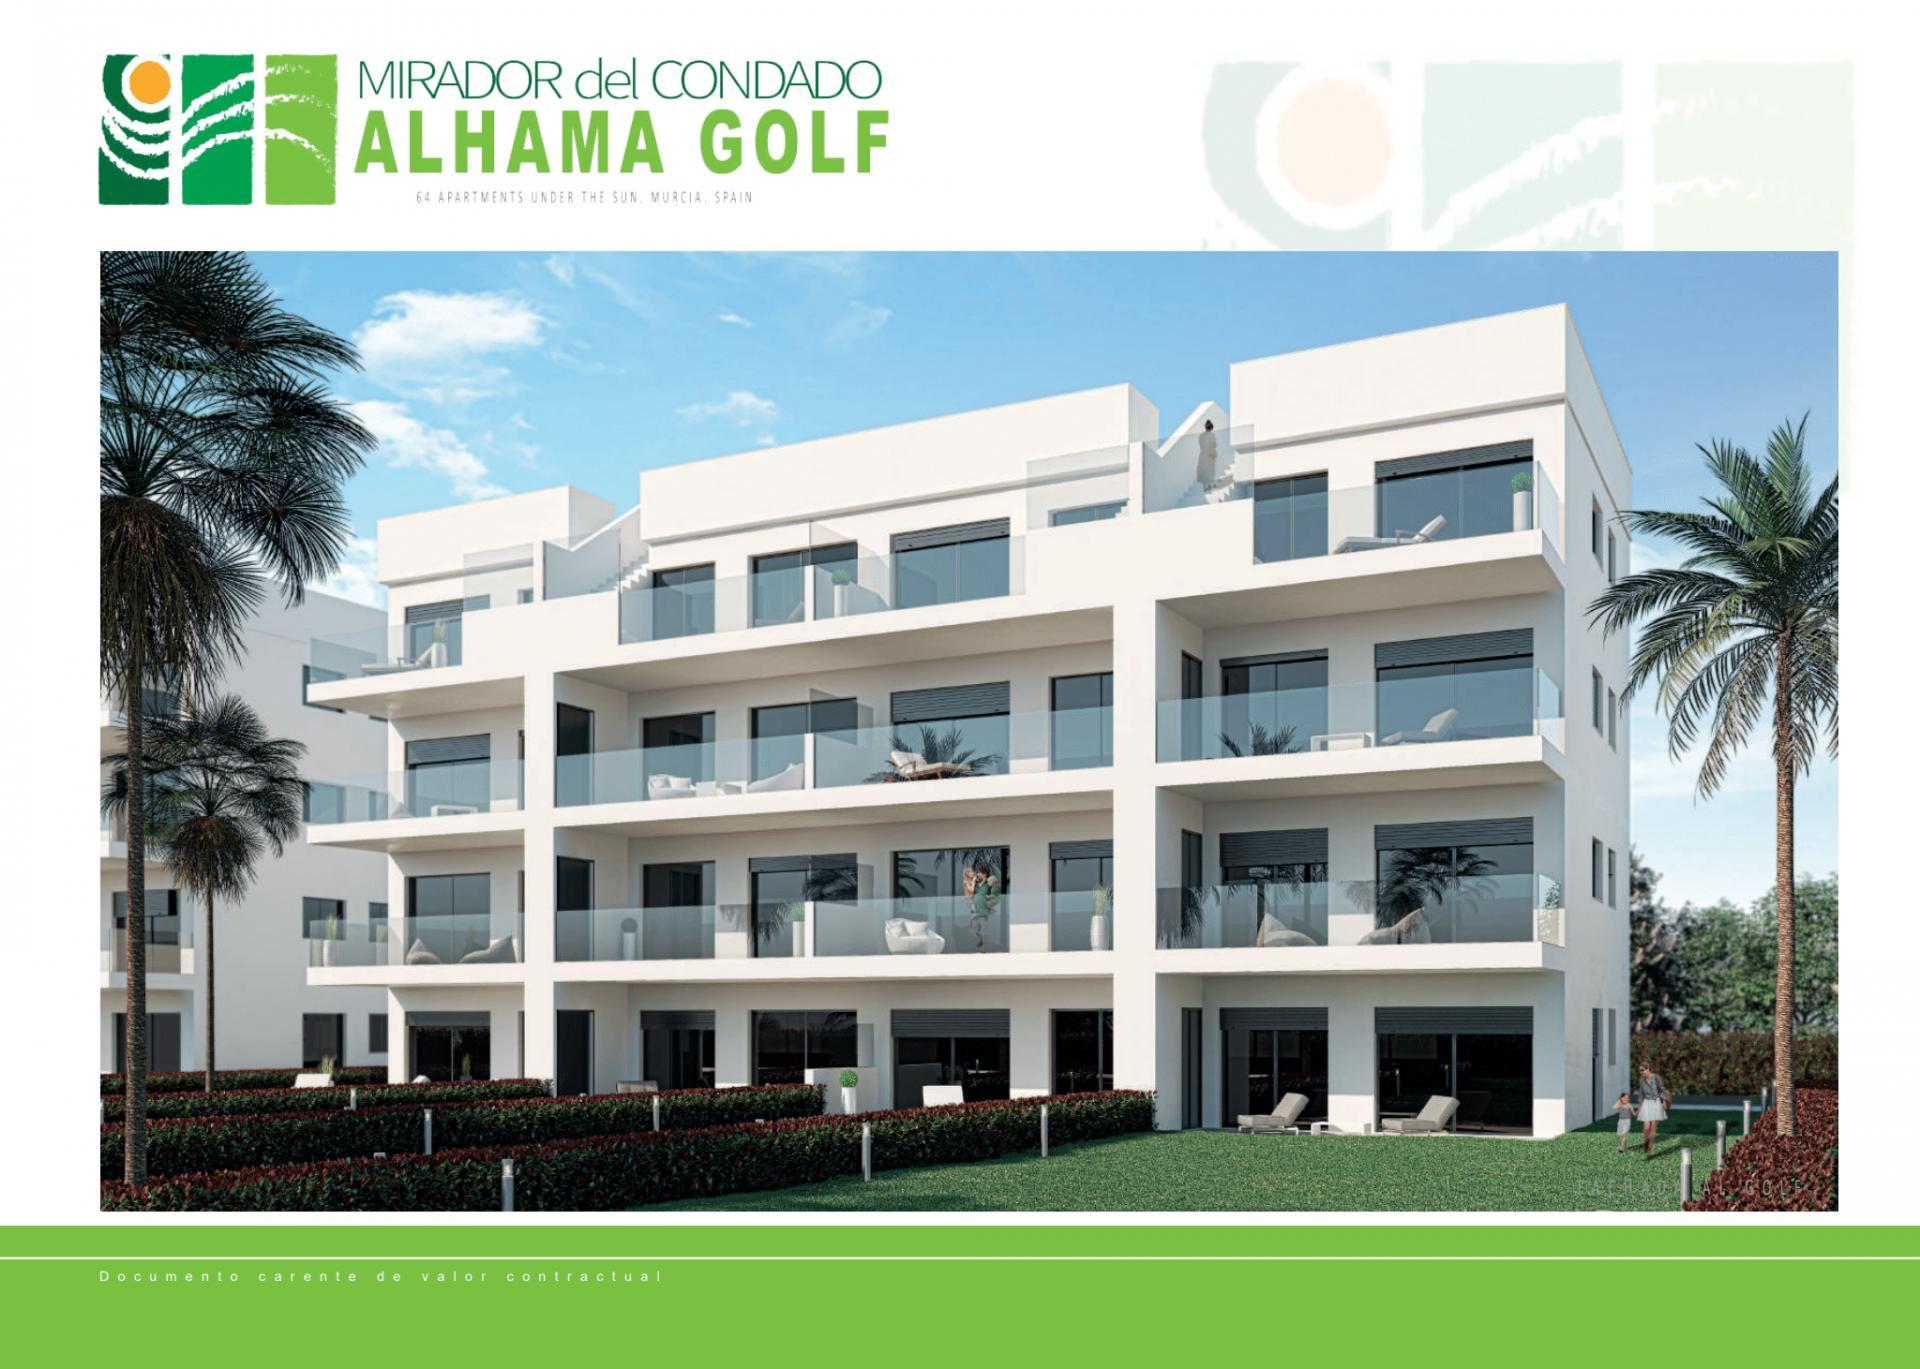 Appartement in Condado de Alhama